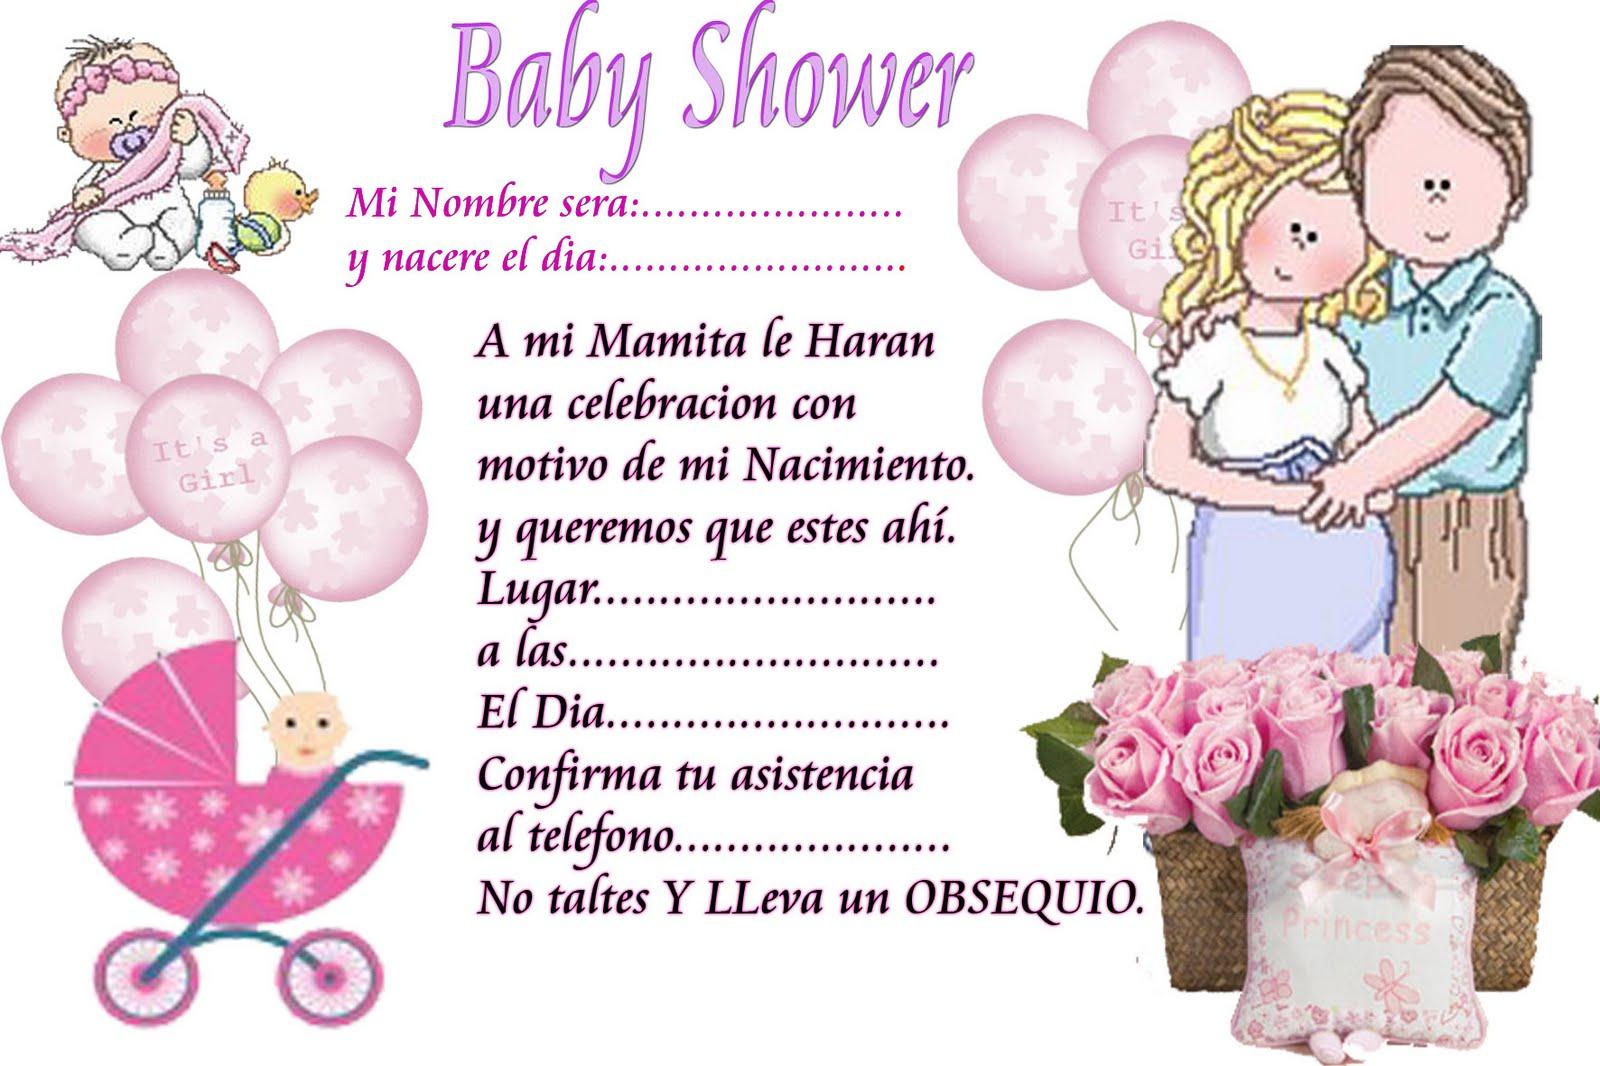 53 Invitaciones Baby Shower Gratis Personalizables